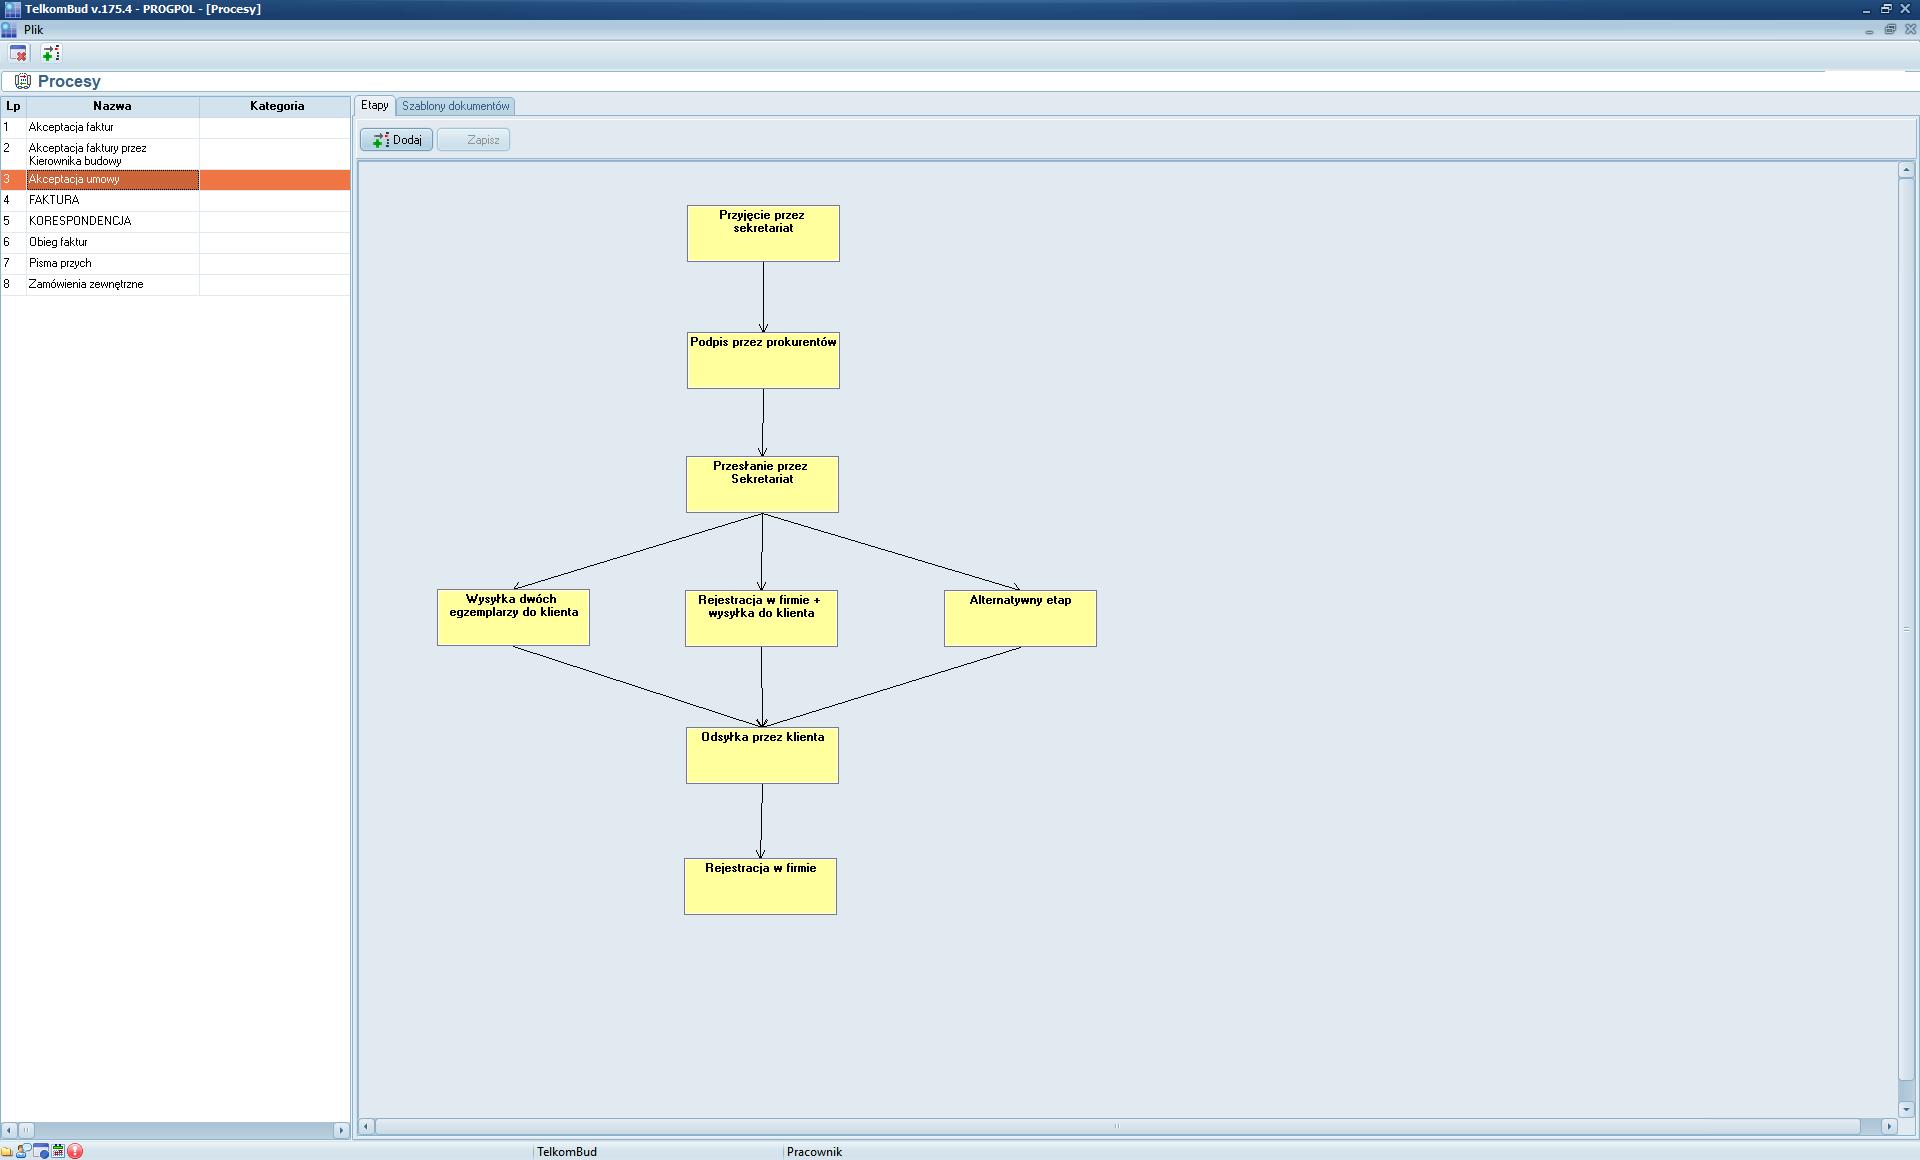 Definicje procesów w module Elektroniczny Obieg Dokumentów systemu TelkomBud